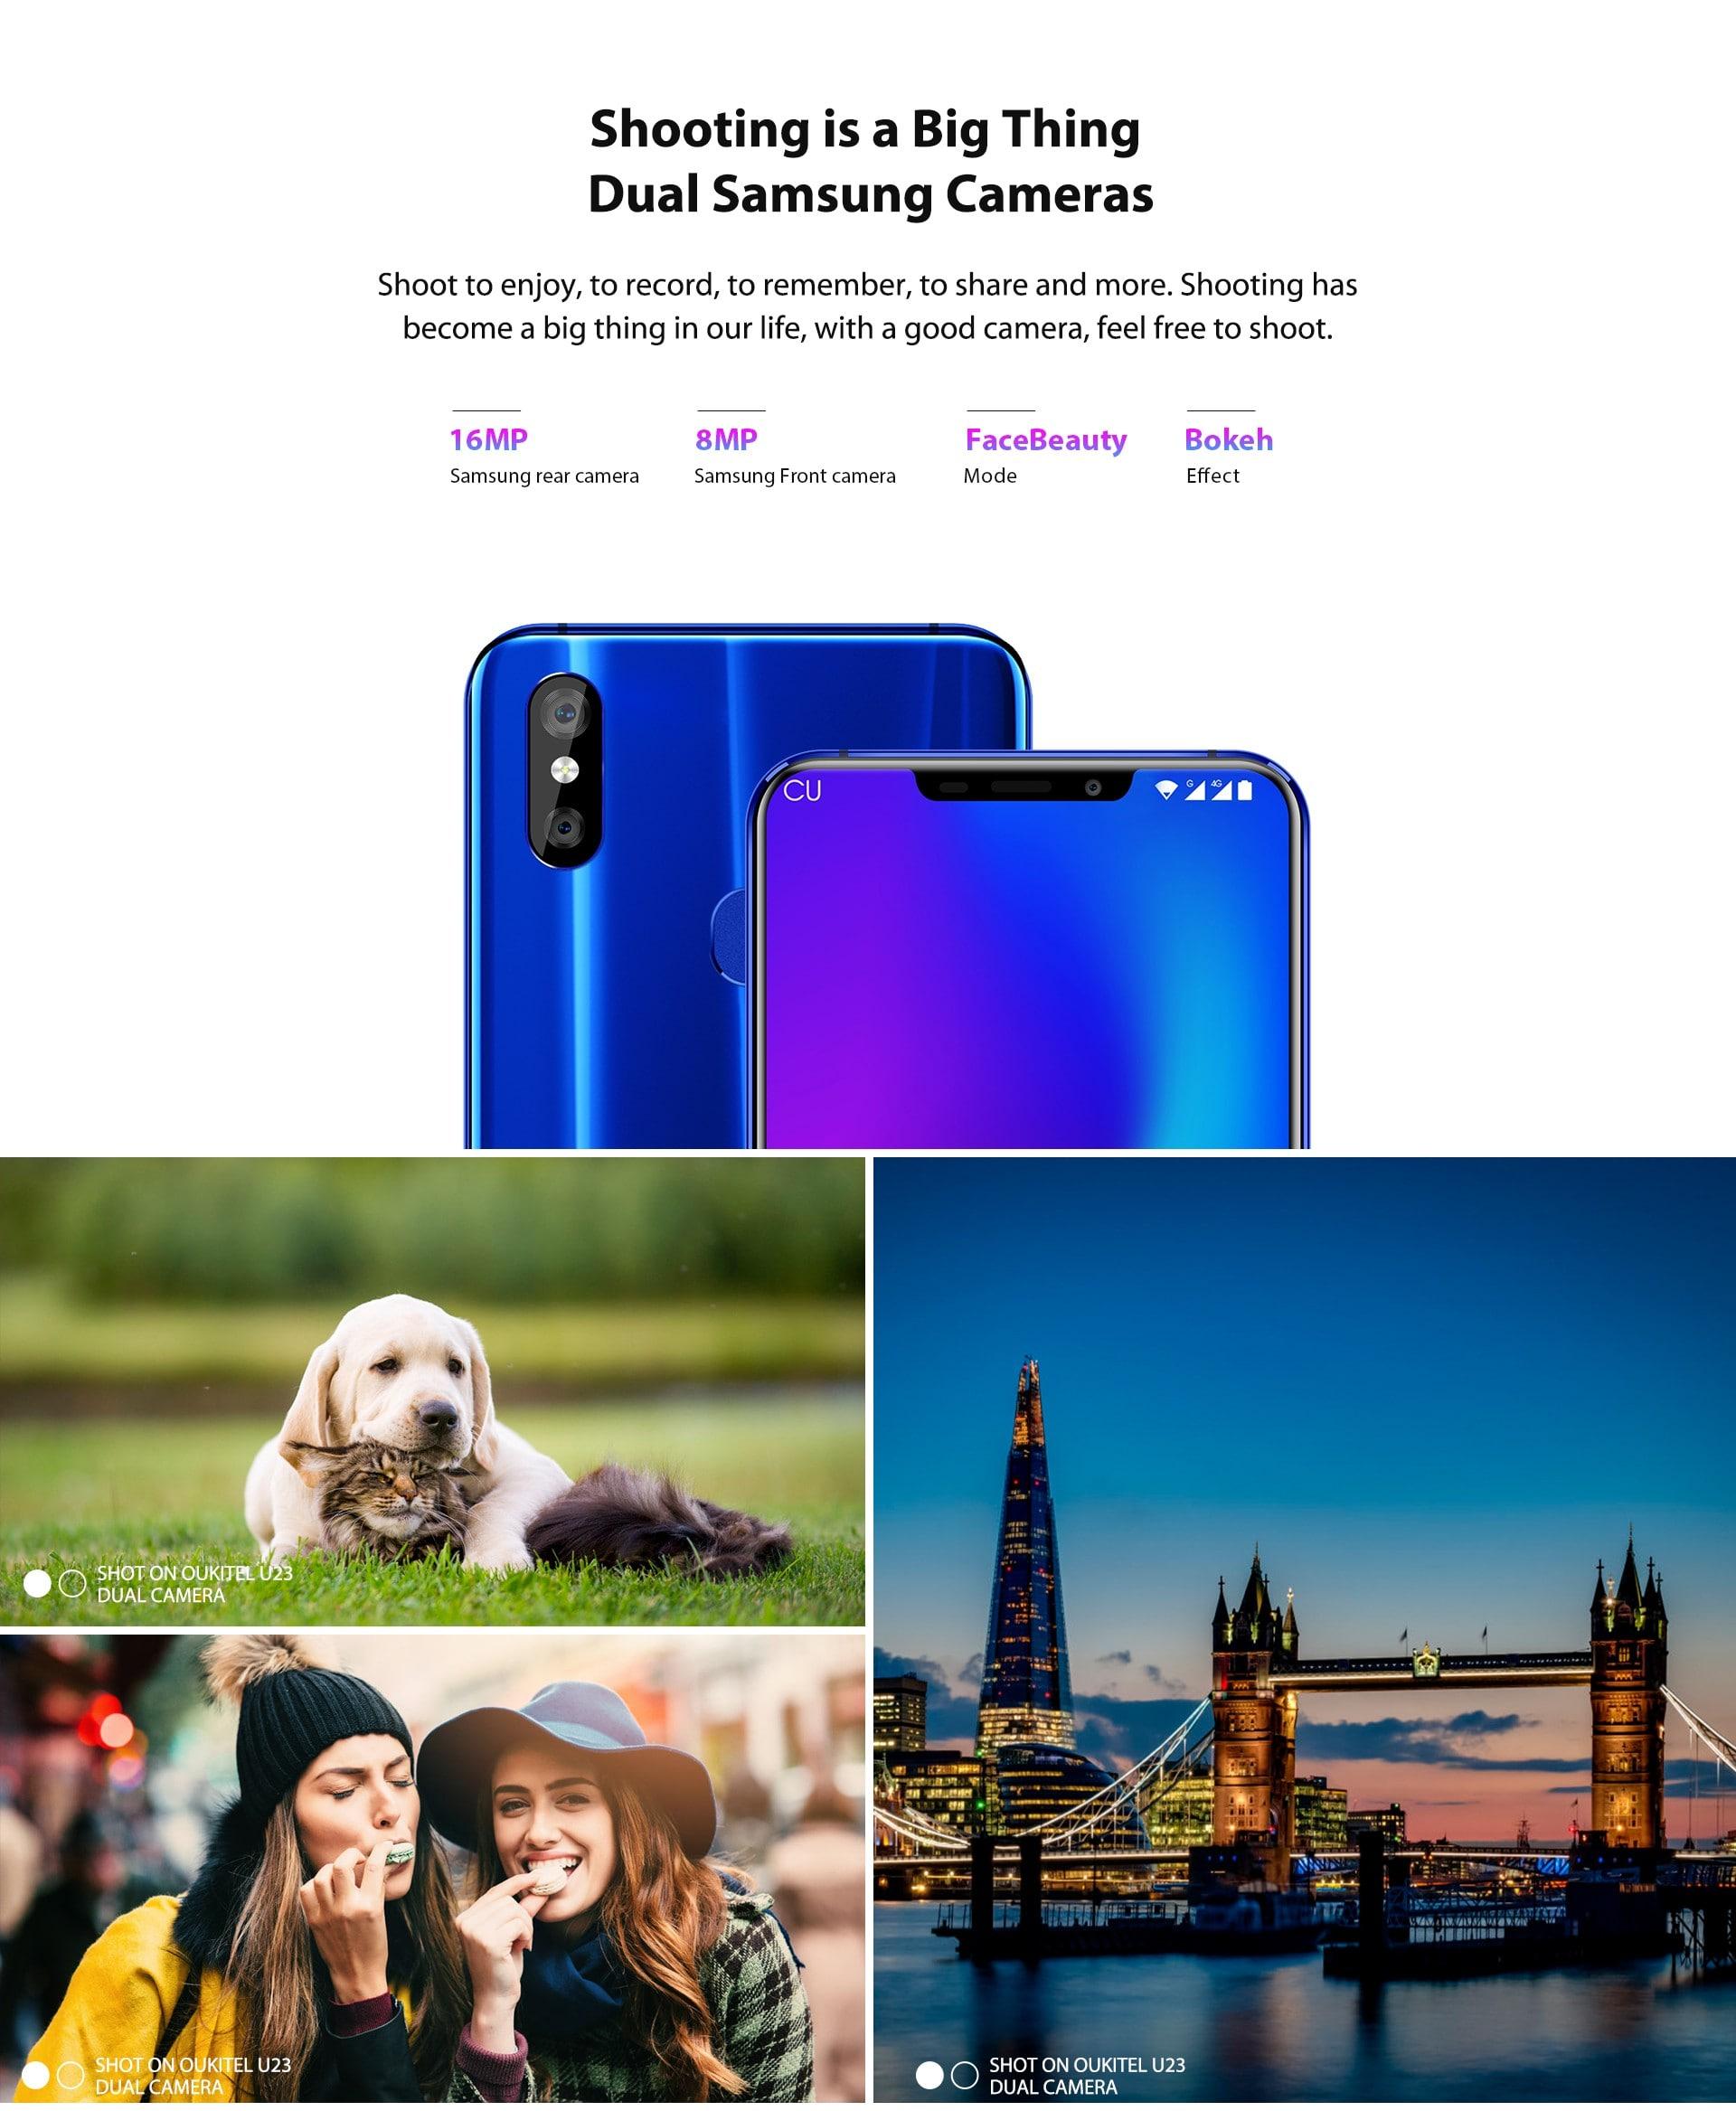 OUKITEL U23 4G Phablet 6.18 hüvelykes Android 8.1 MTK 6763T Octa Core 2.0 GHz 6 GB RAM 64 GB ROM 16.0 MP + 2.0 MP Hátsó kamera 8.0 MP Első kamera 3500mAh Beépített Twilight Other Area